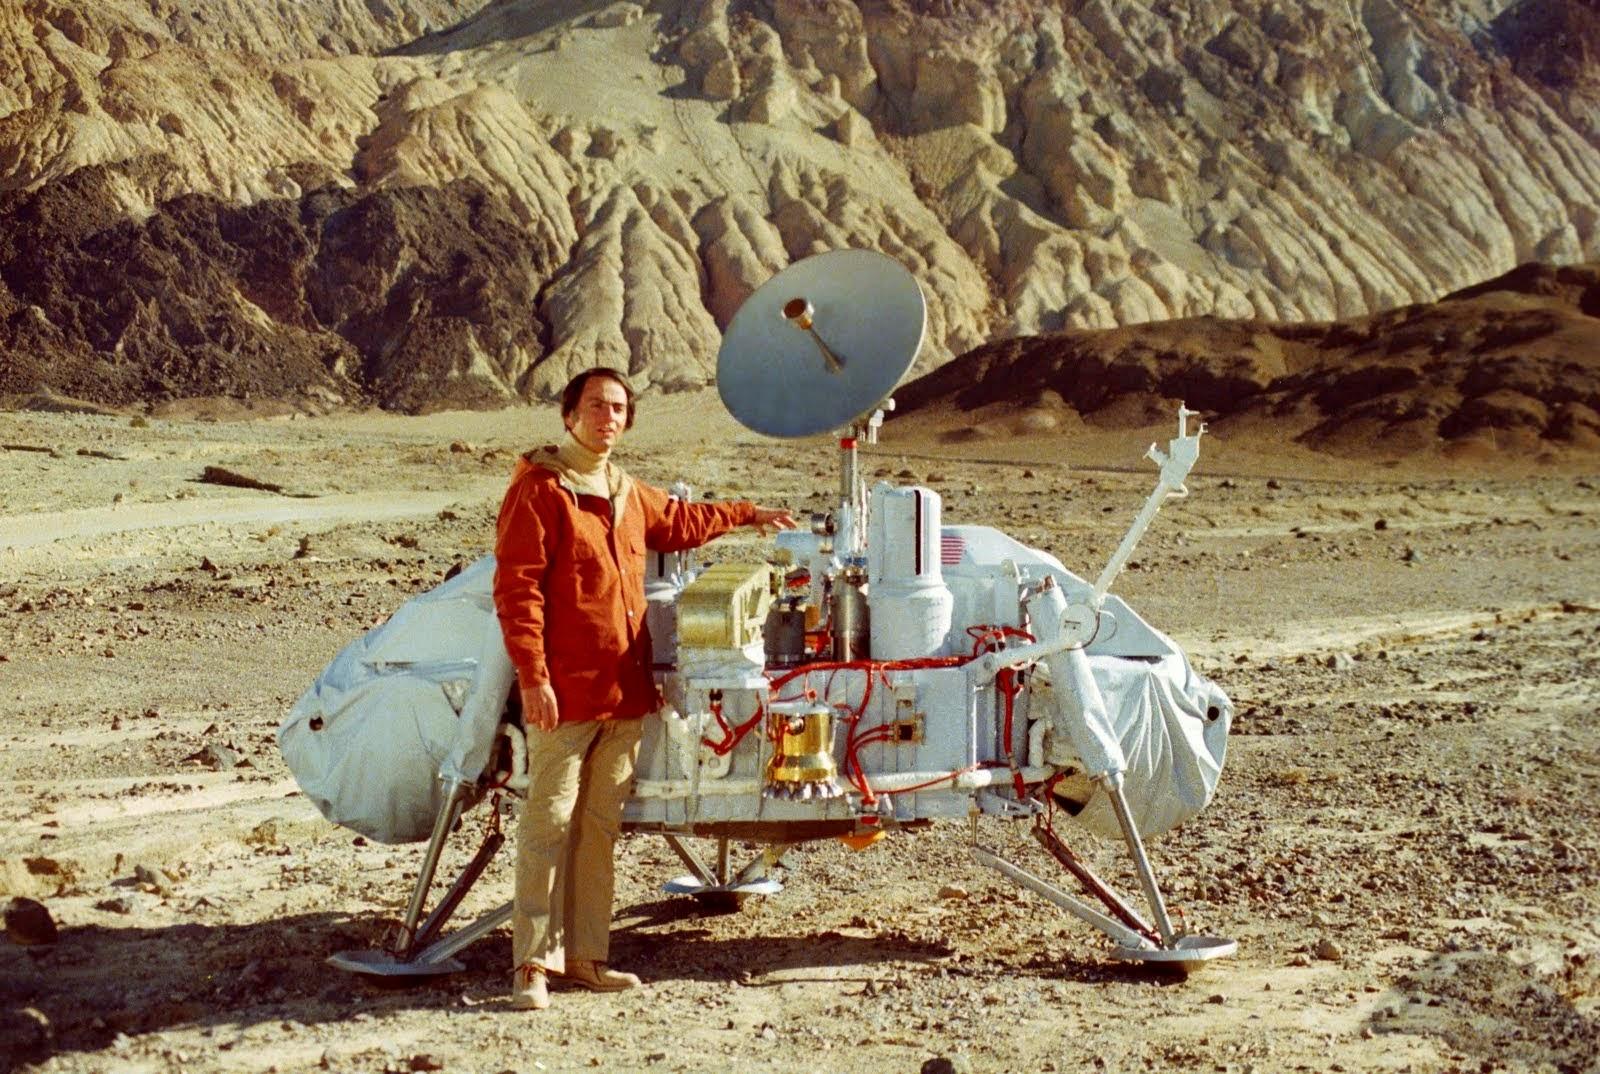 Carl Sagan and Viking lander